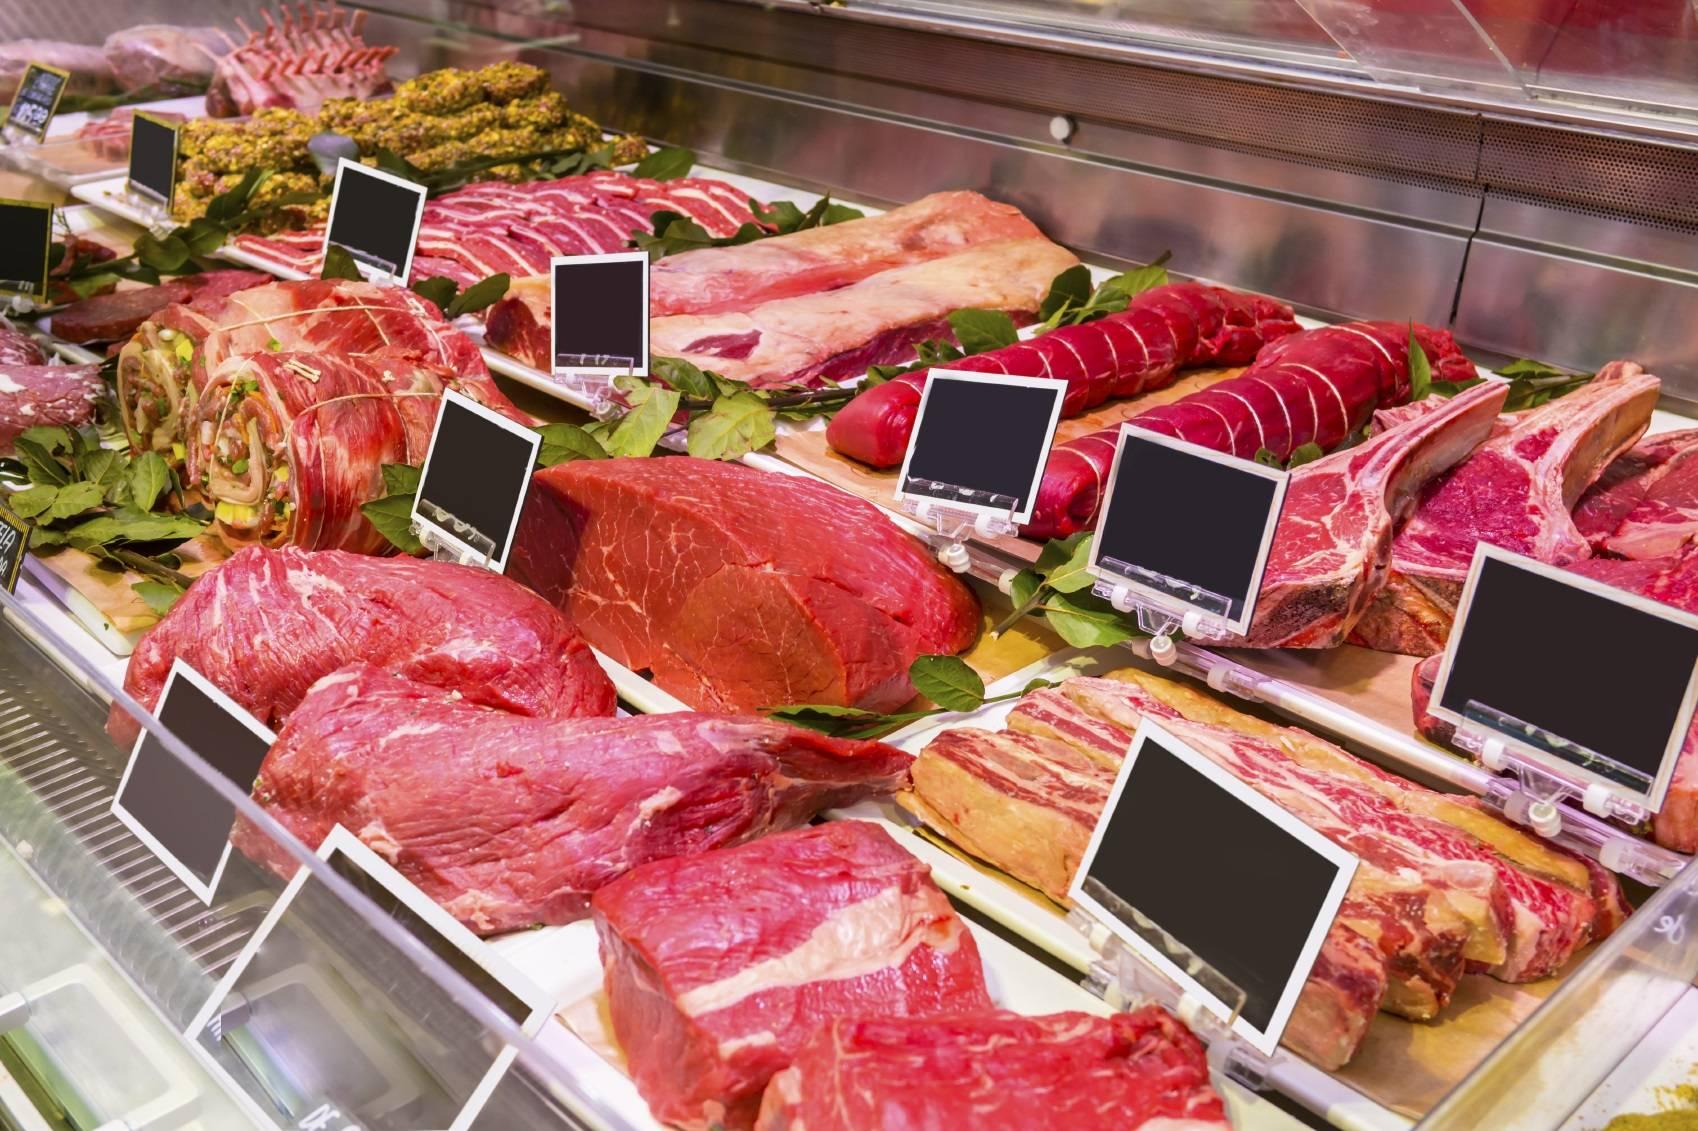 Lustre Chambre Petite Fille : La viande rouge, jugée cancérogène par l'OMS, estelle